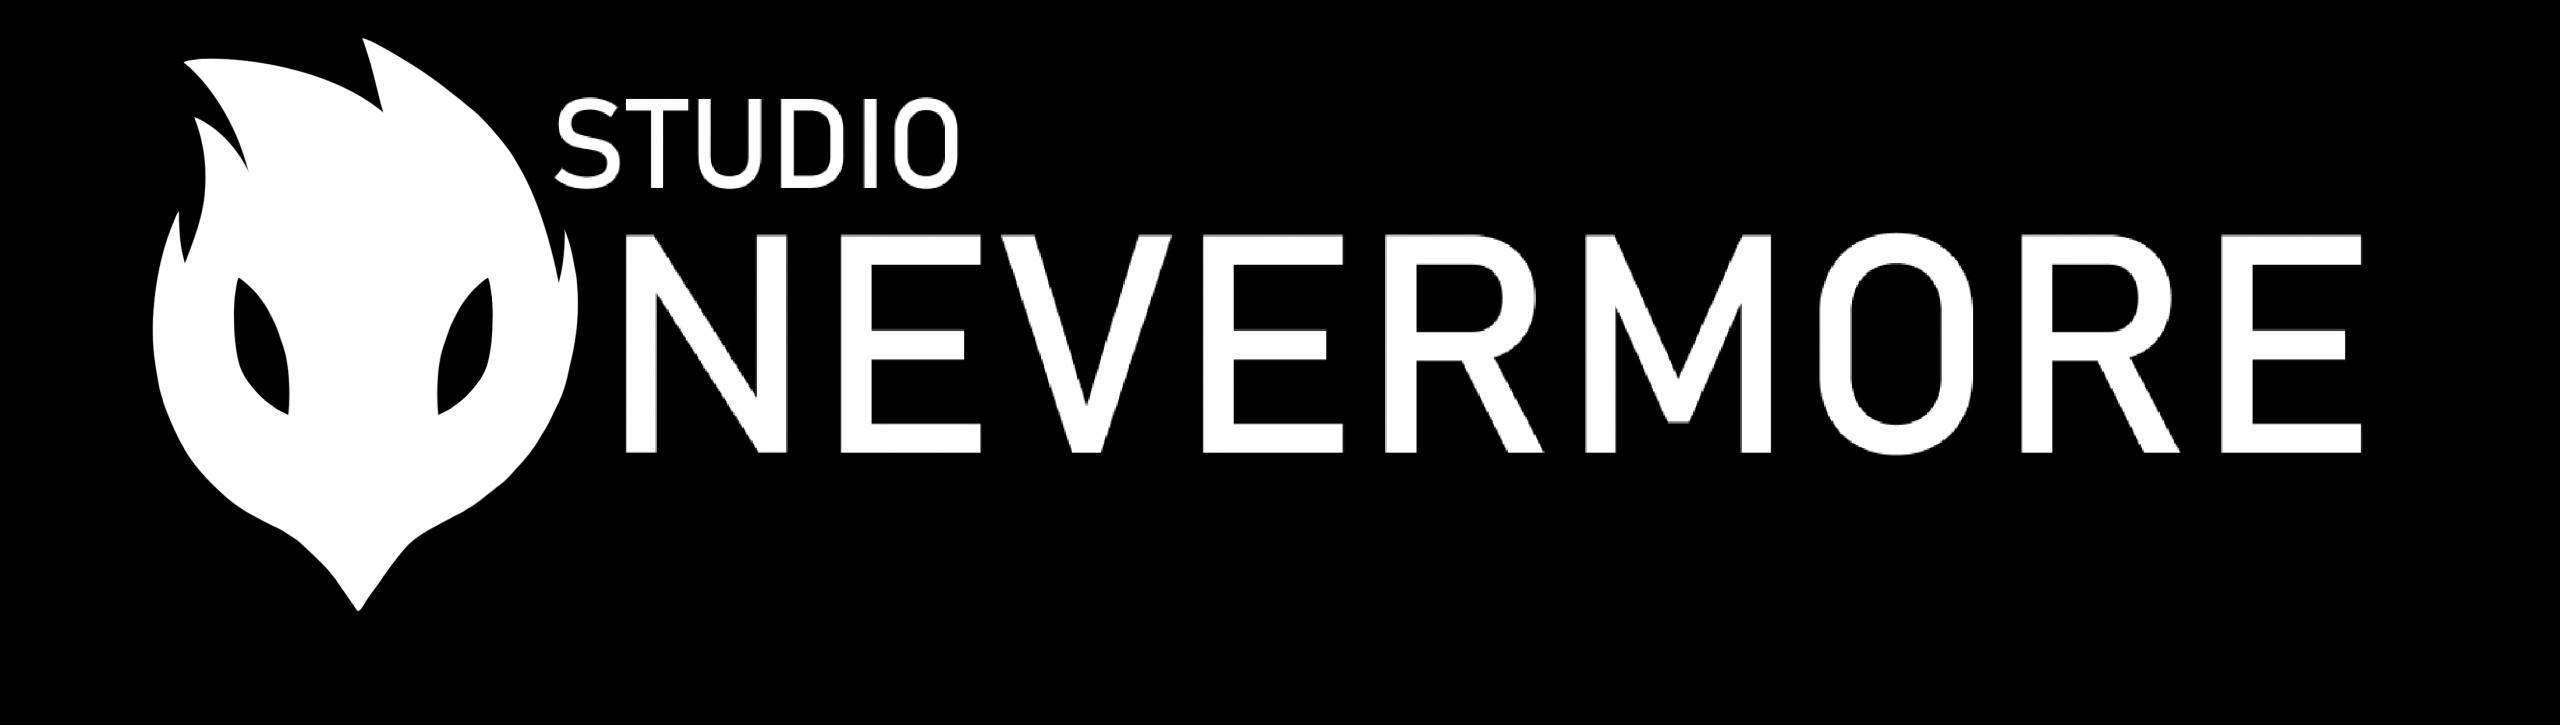 Studio Nevermore